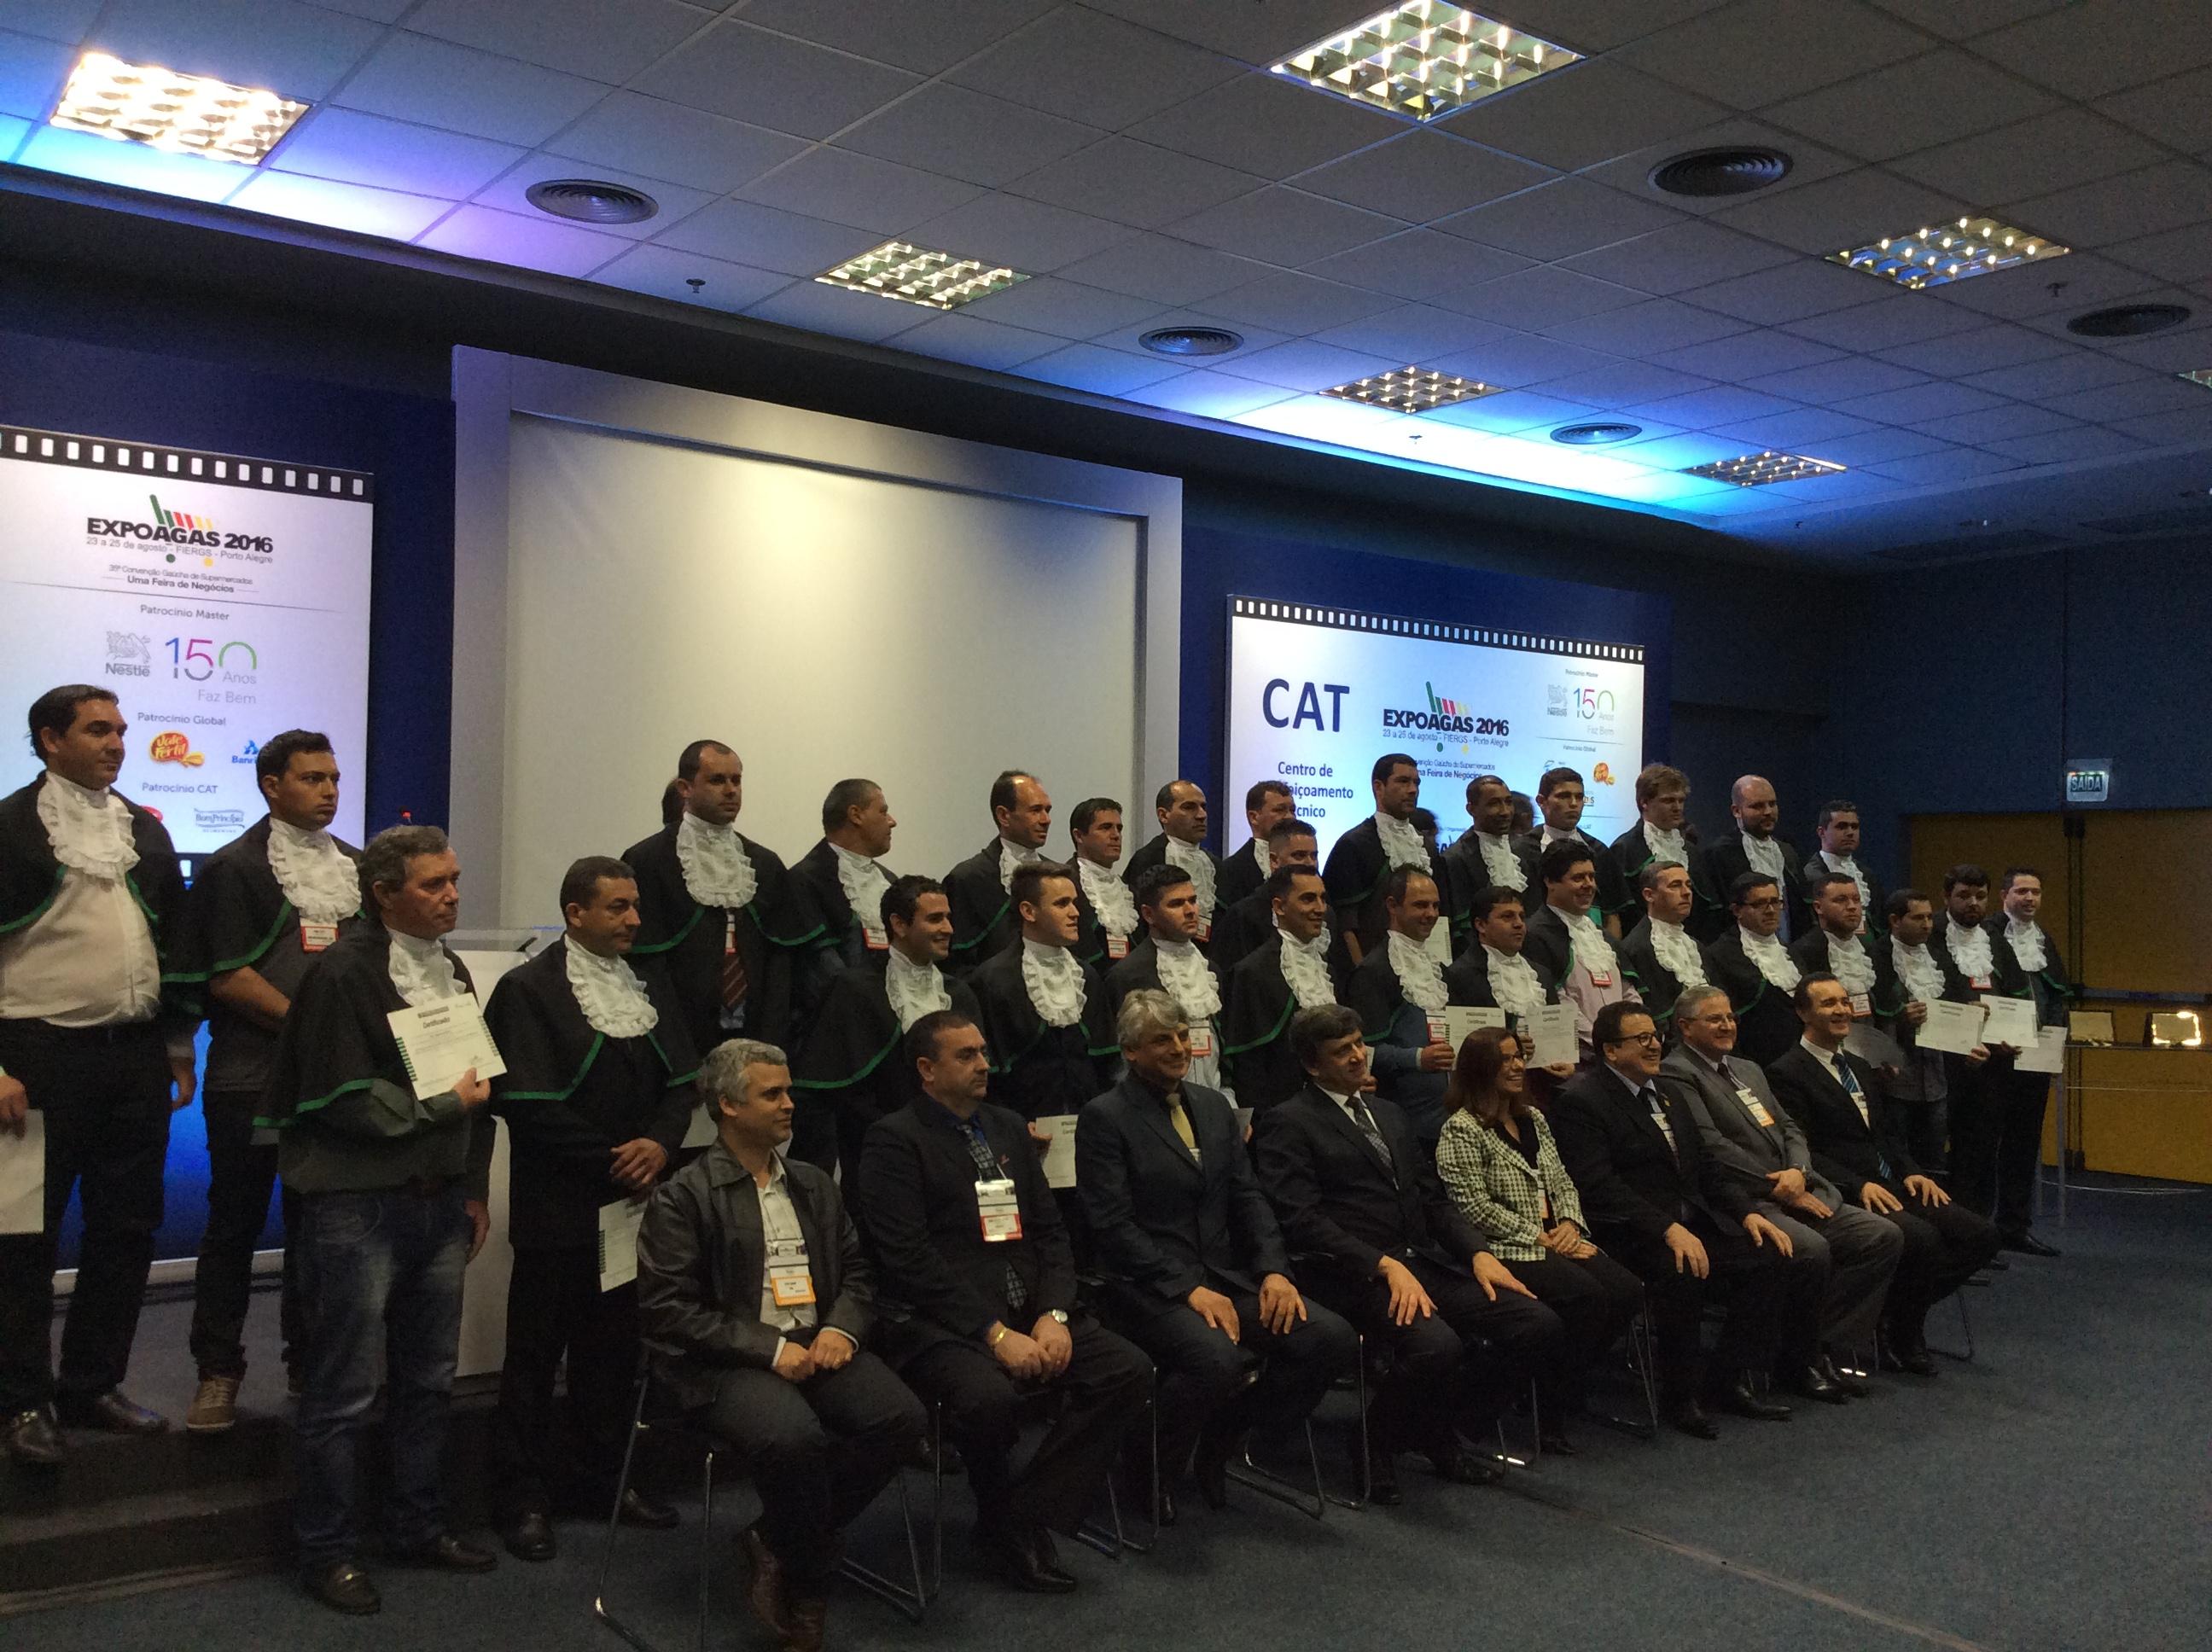 Expoagas 2016 recebe formatura do curso de Boas Práticas em Refrigeração